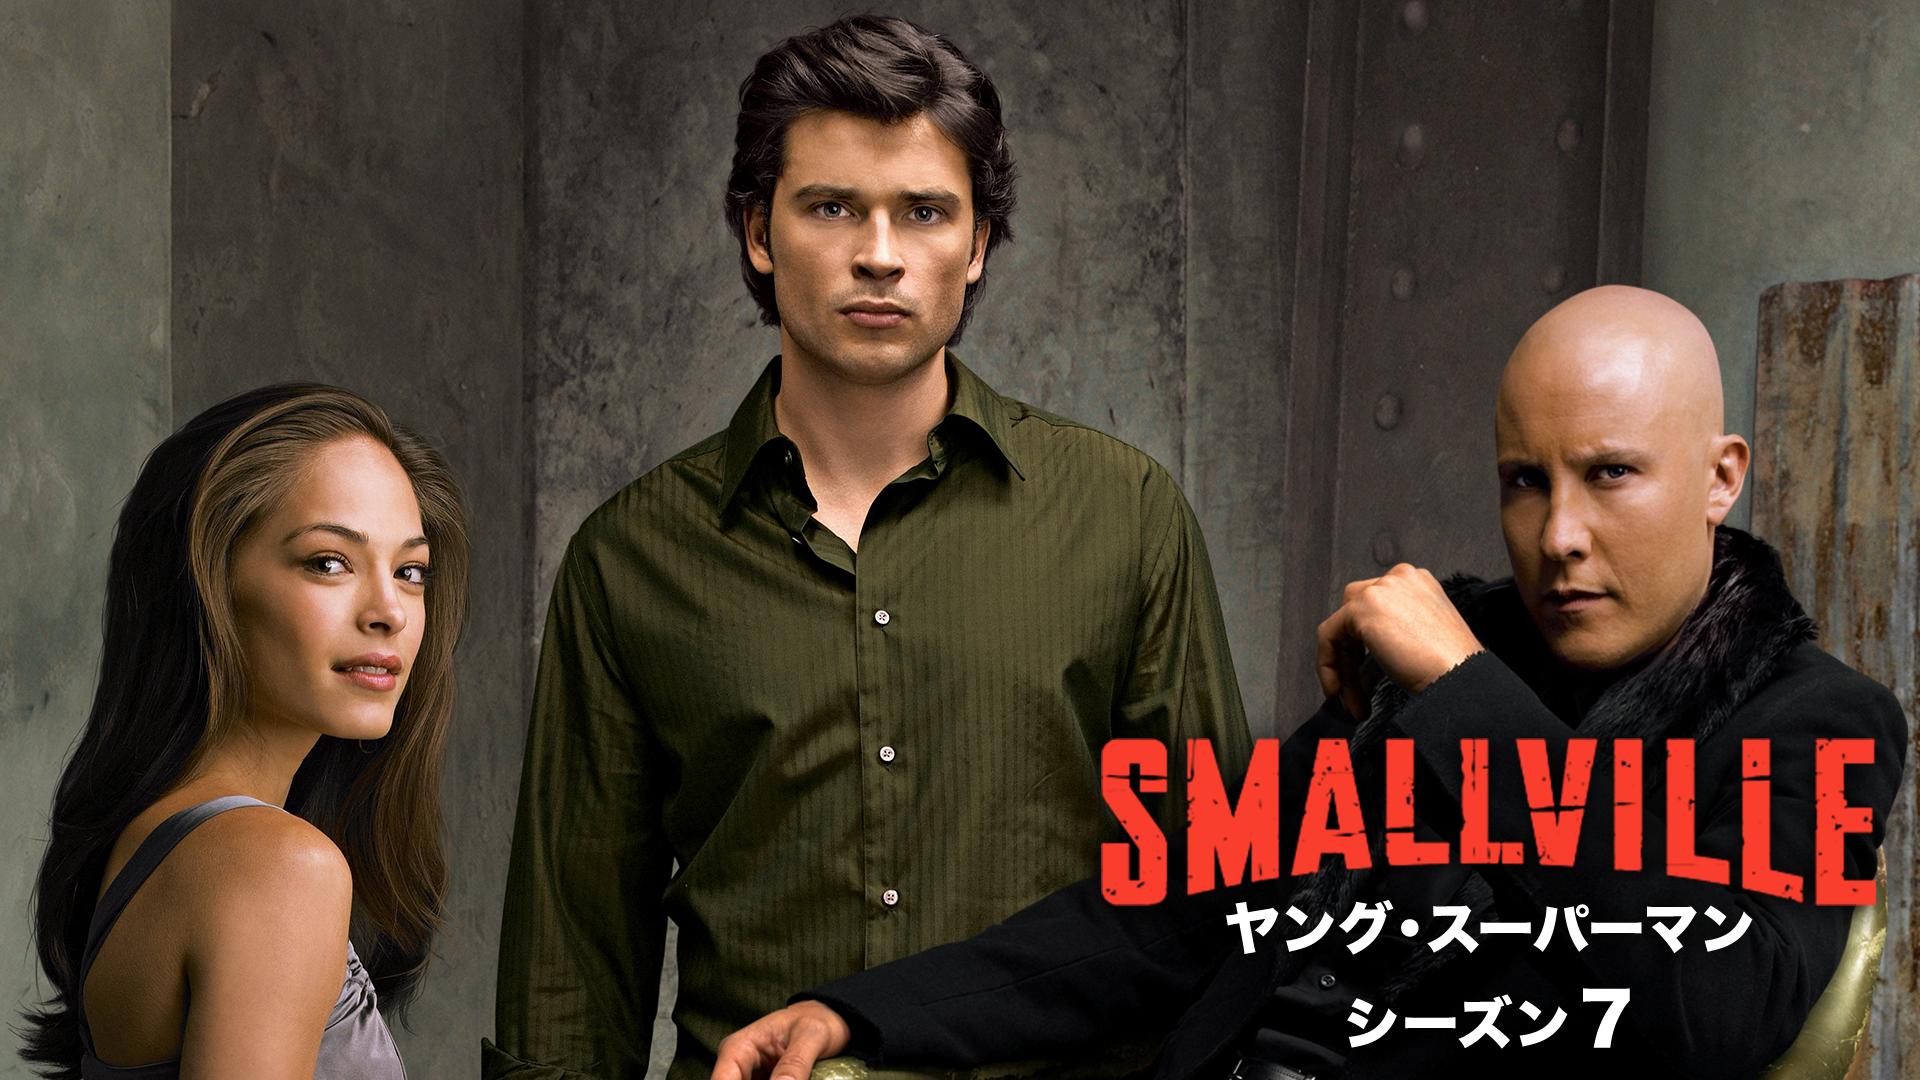 SMALLVILLE/ヤング・スーパーマン シーズン7 動画